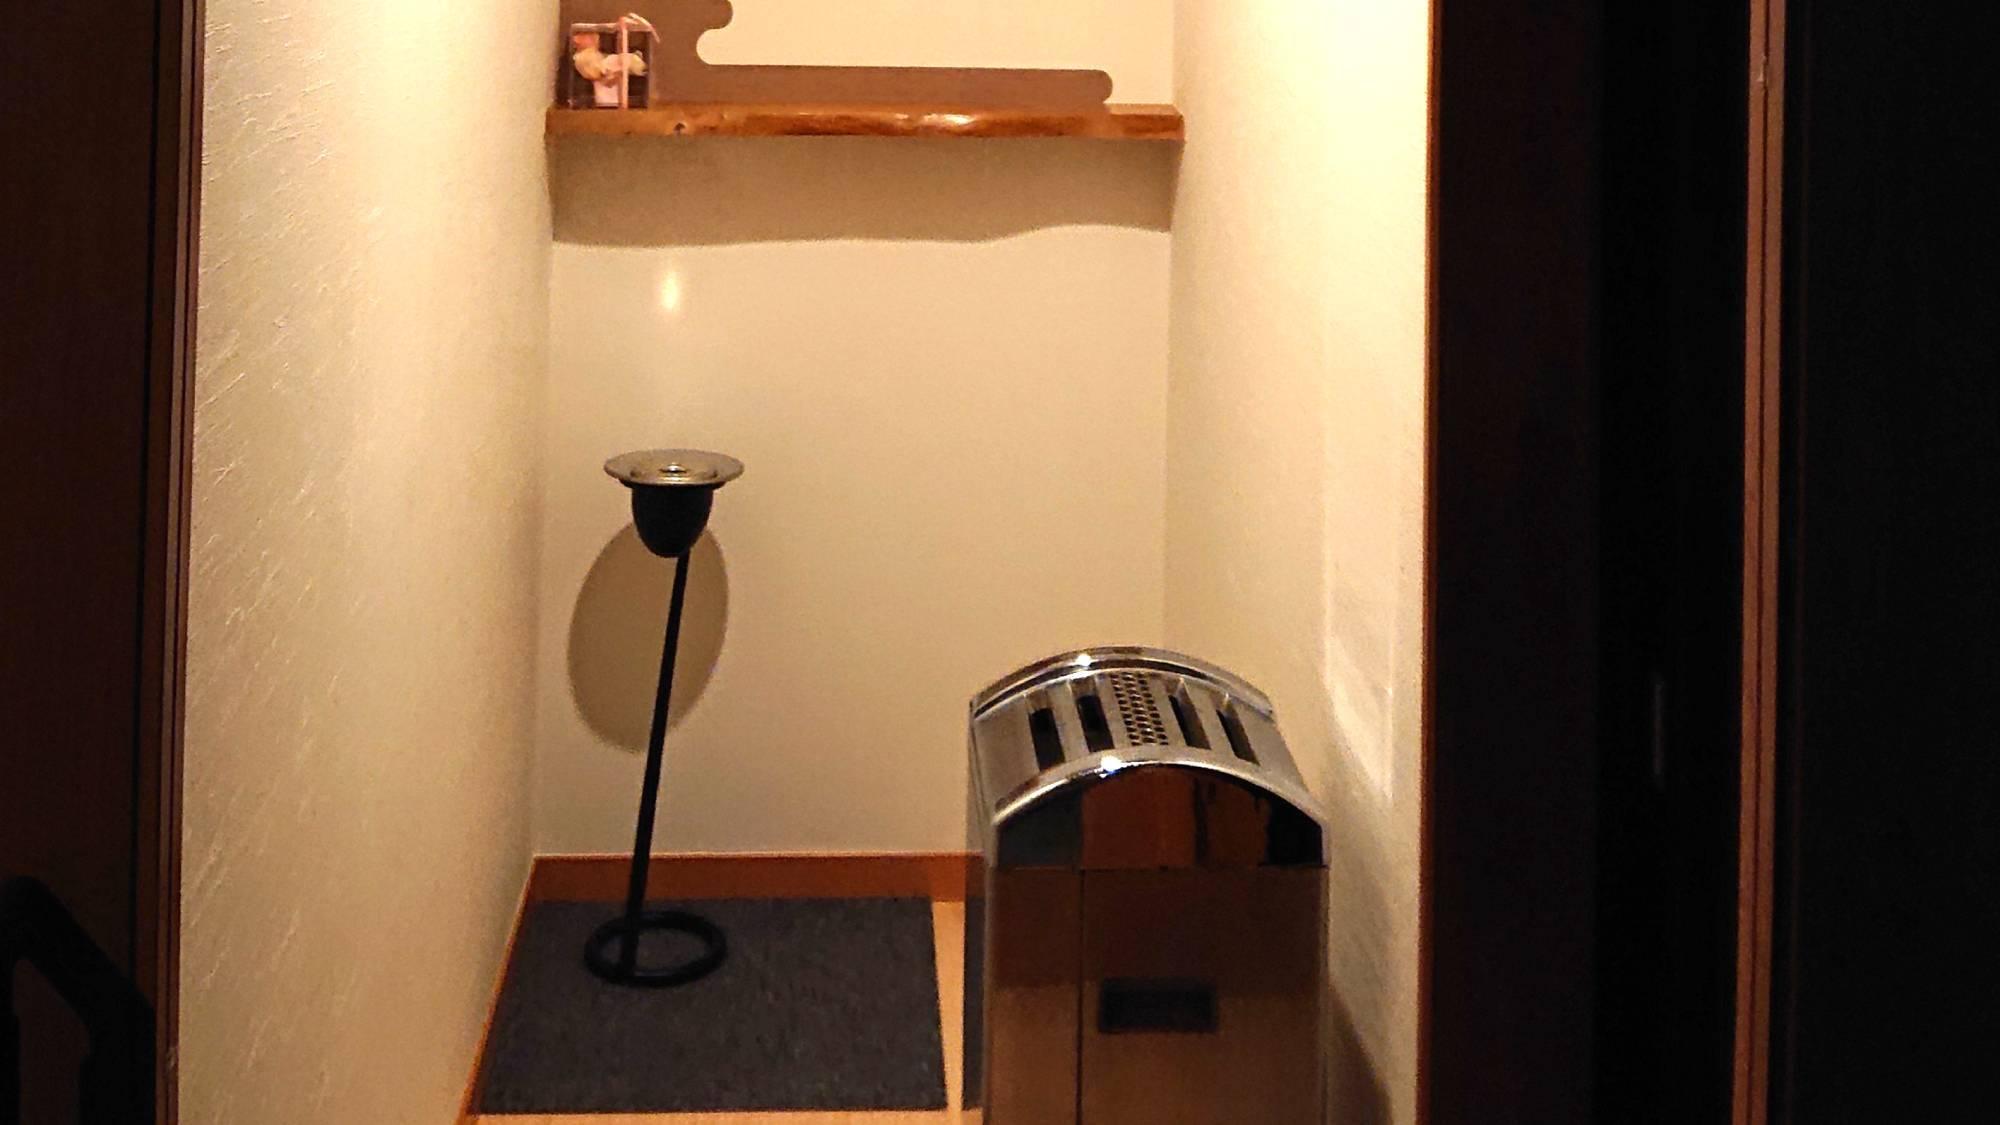 ・木の温もりを感じる喫煙室